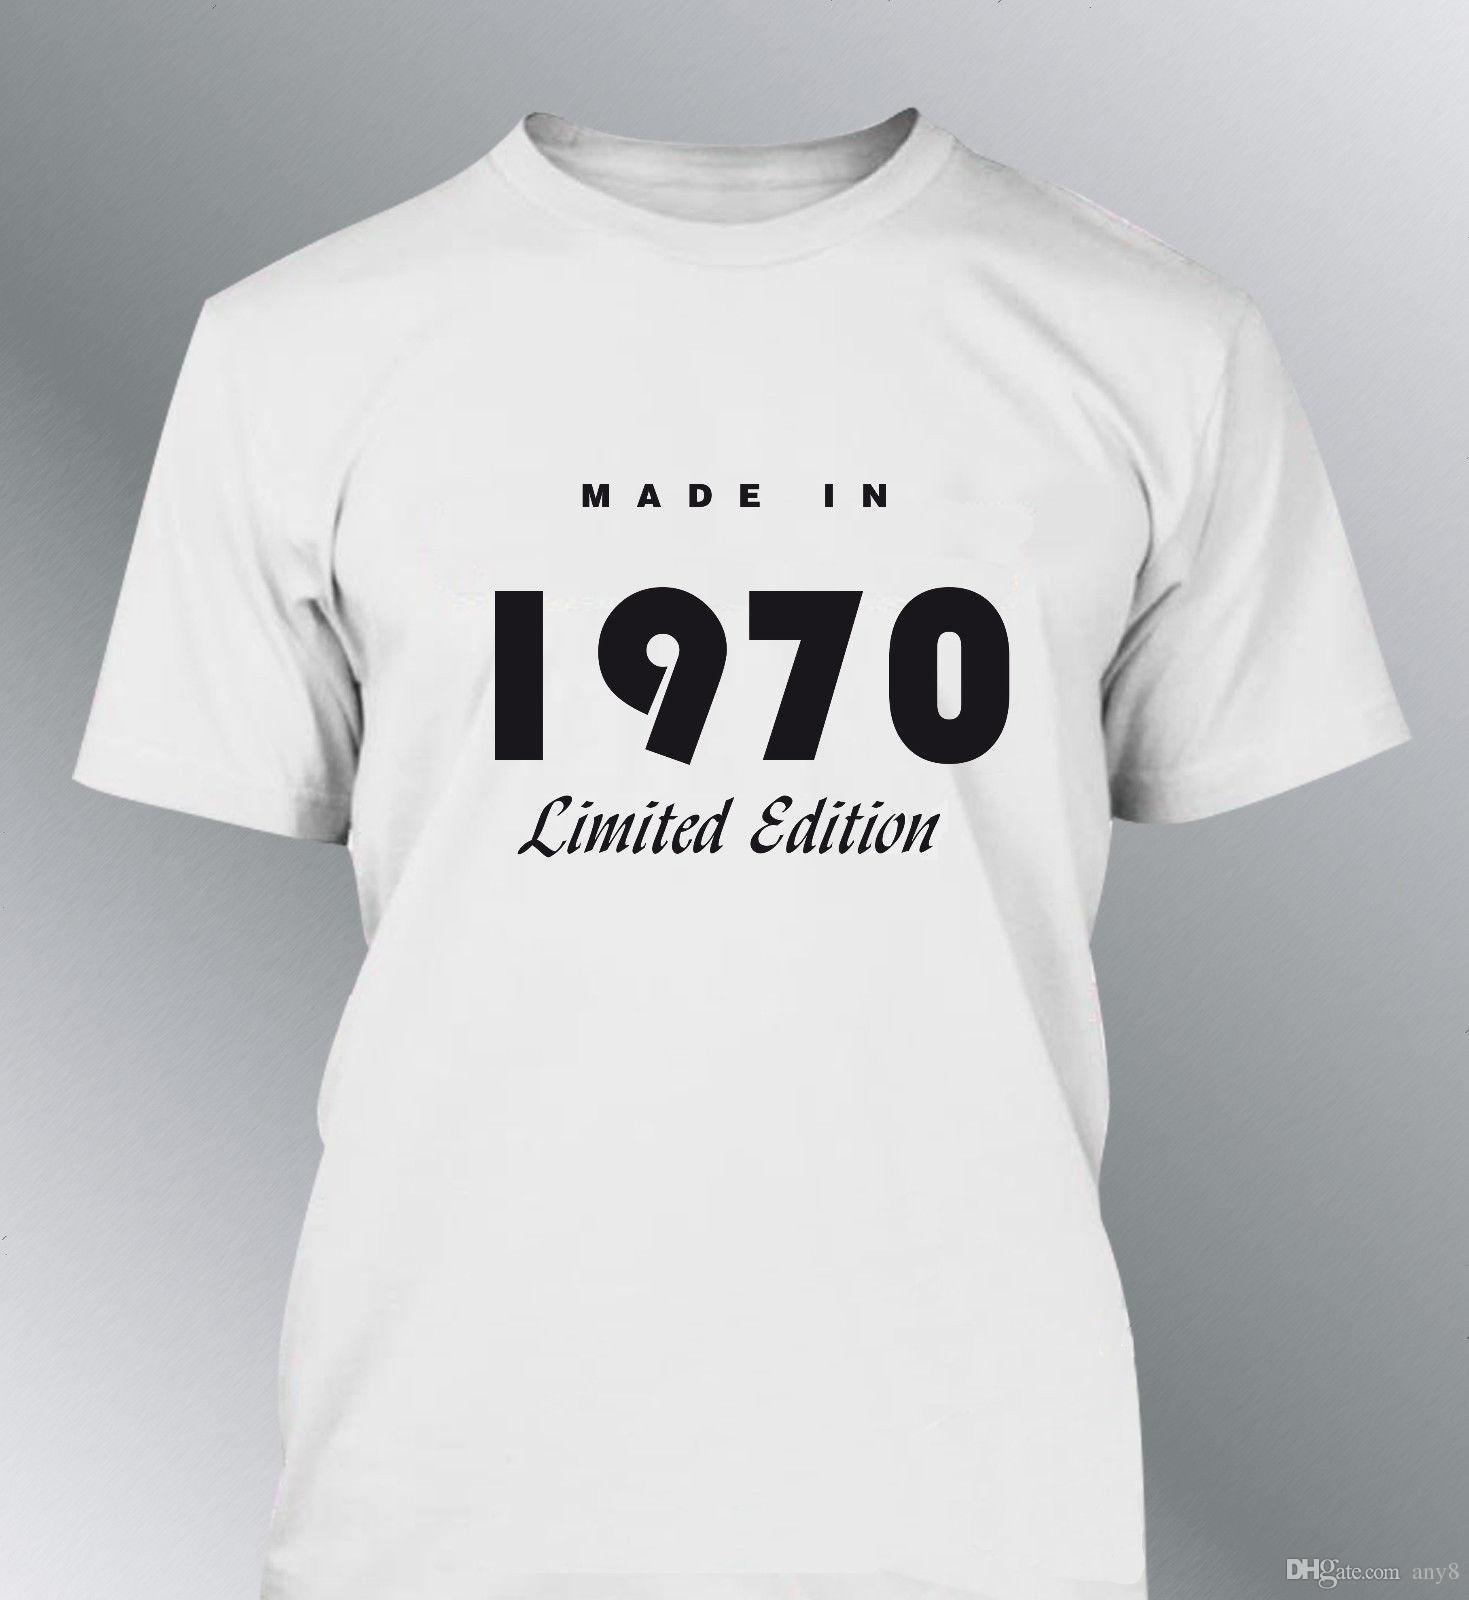 8675acc96 Compre Camiseta Personalizada FABRICADO EN Años Sml XL Humor Hombre  Aniversario A  13.19 Del Any8